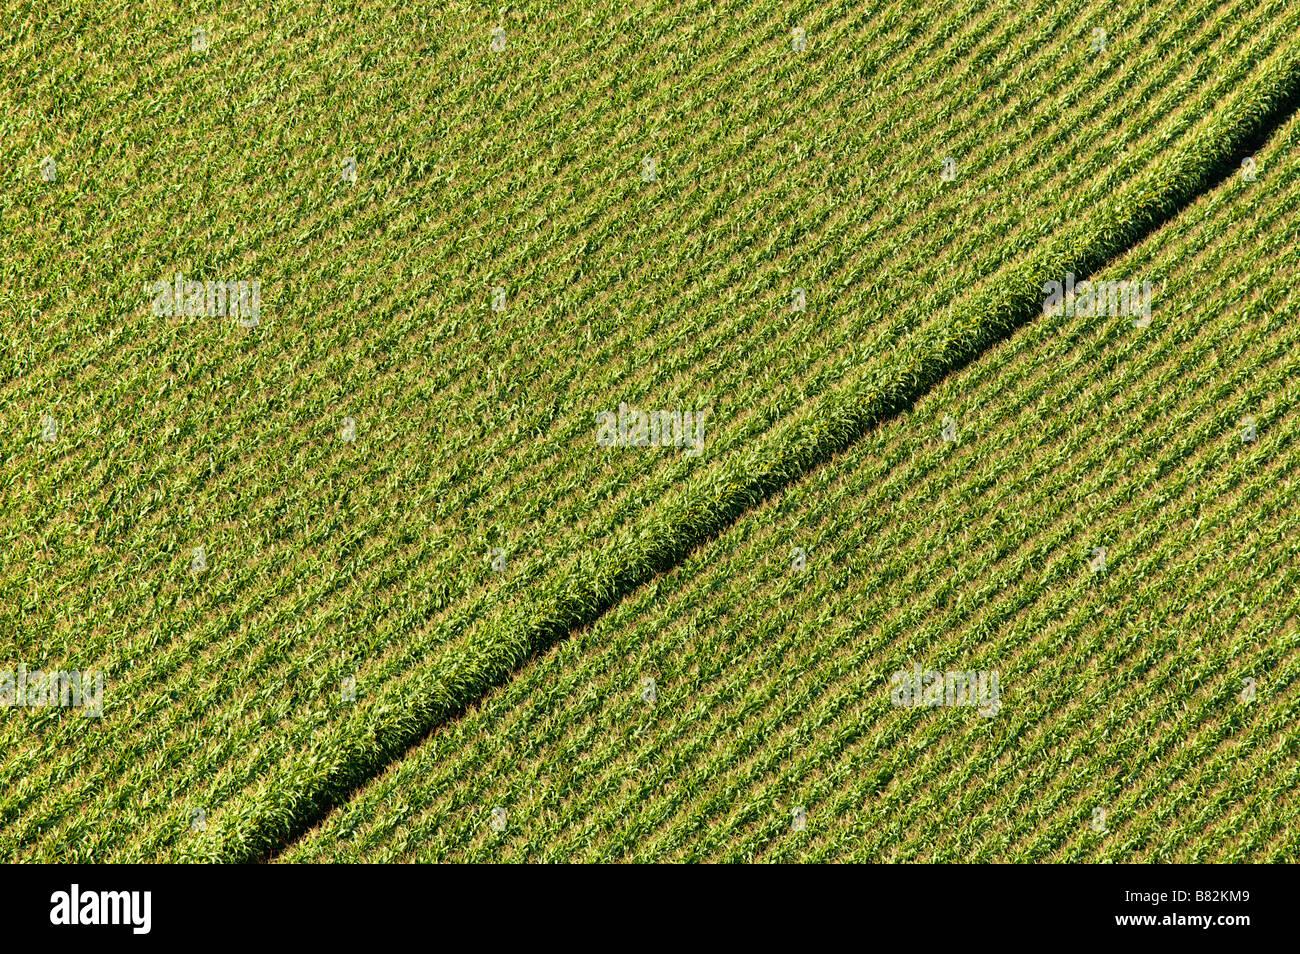 Corn fiel in Dordogne France - Stock Image